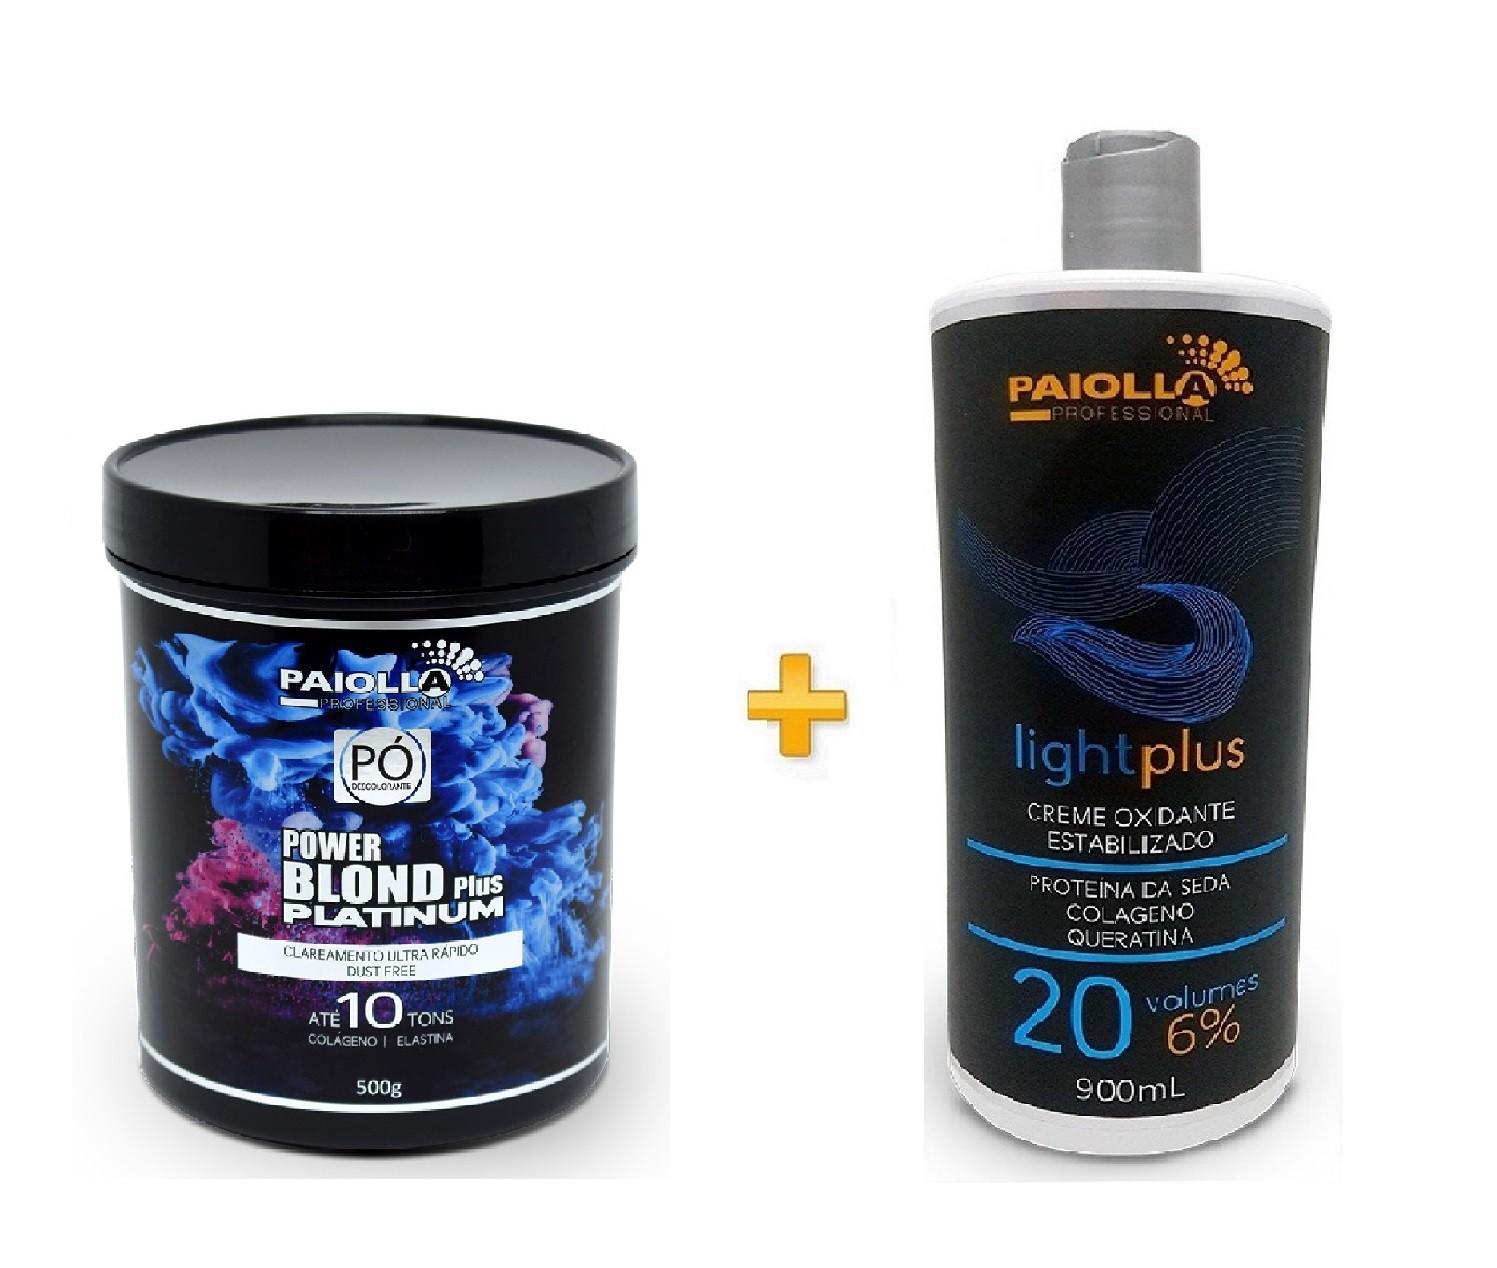 COMBO Pó Descolorante Power Blond Plus Platinum 500g + Creme Oxidante Estabilizado 20 volumes